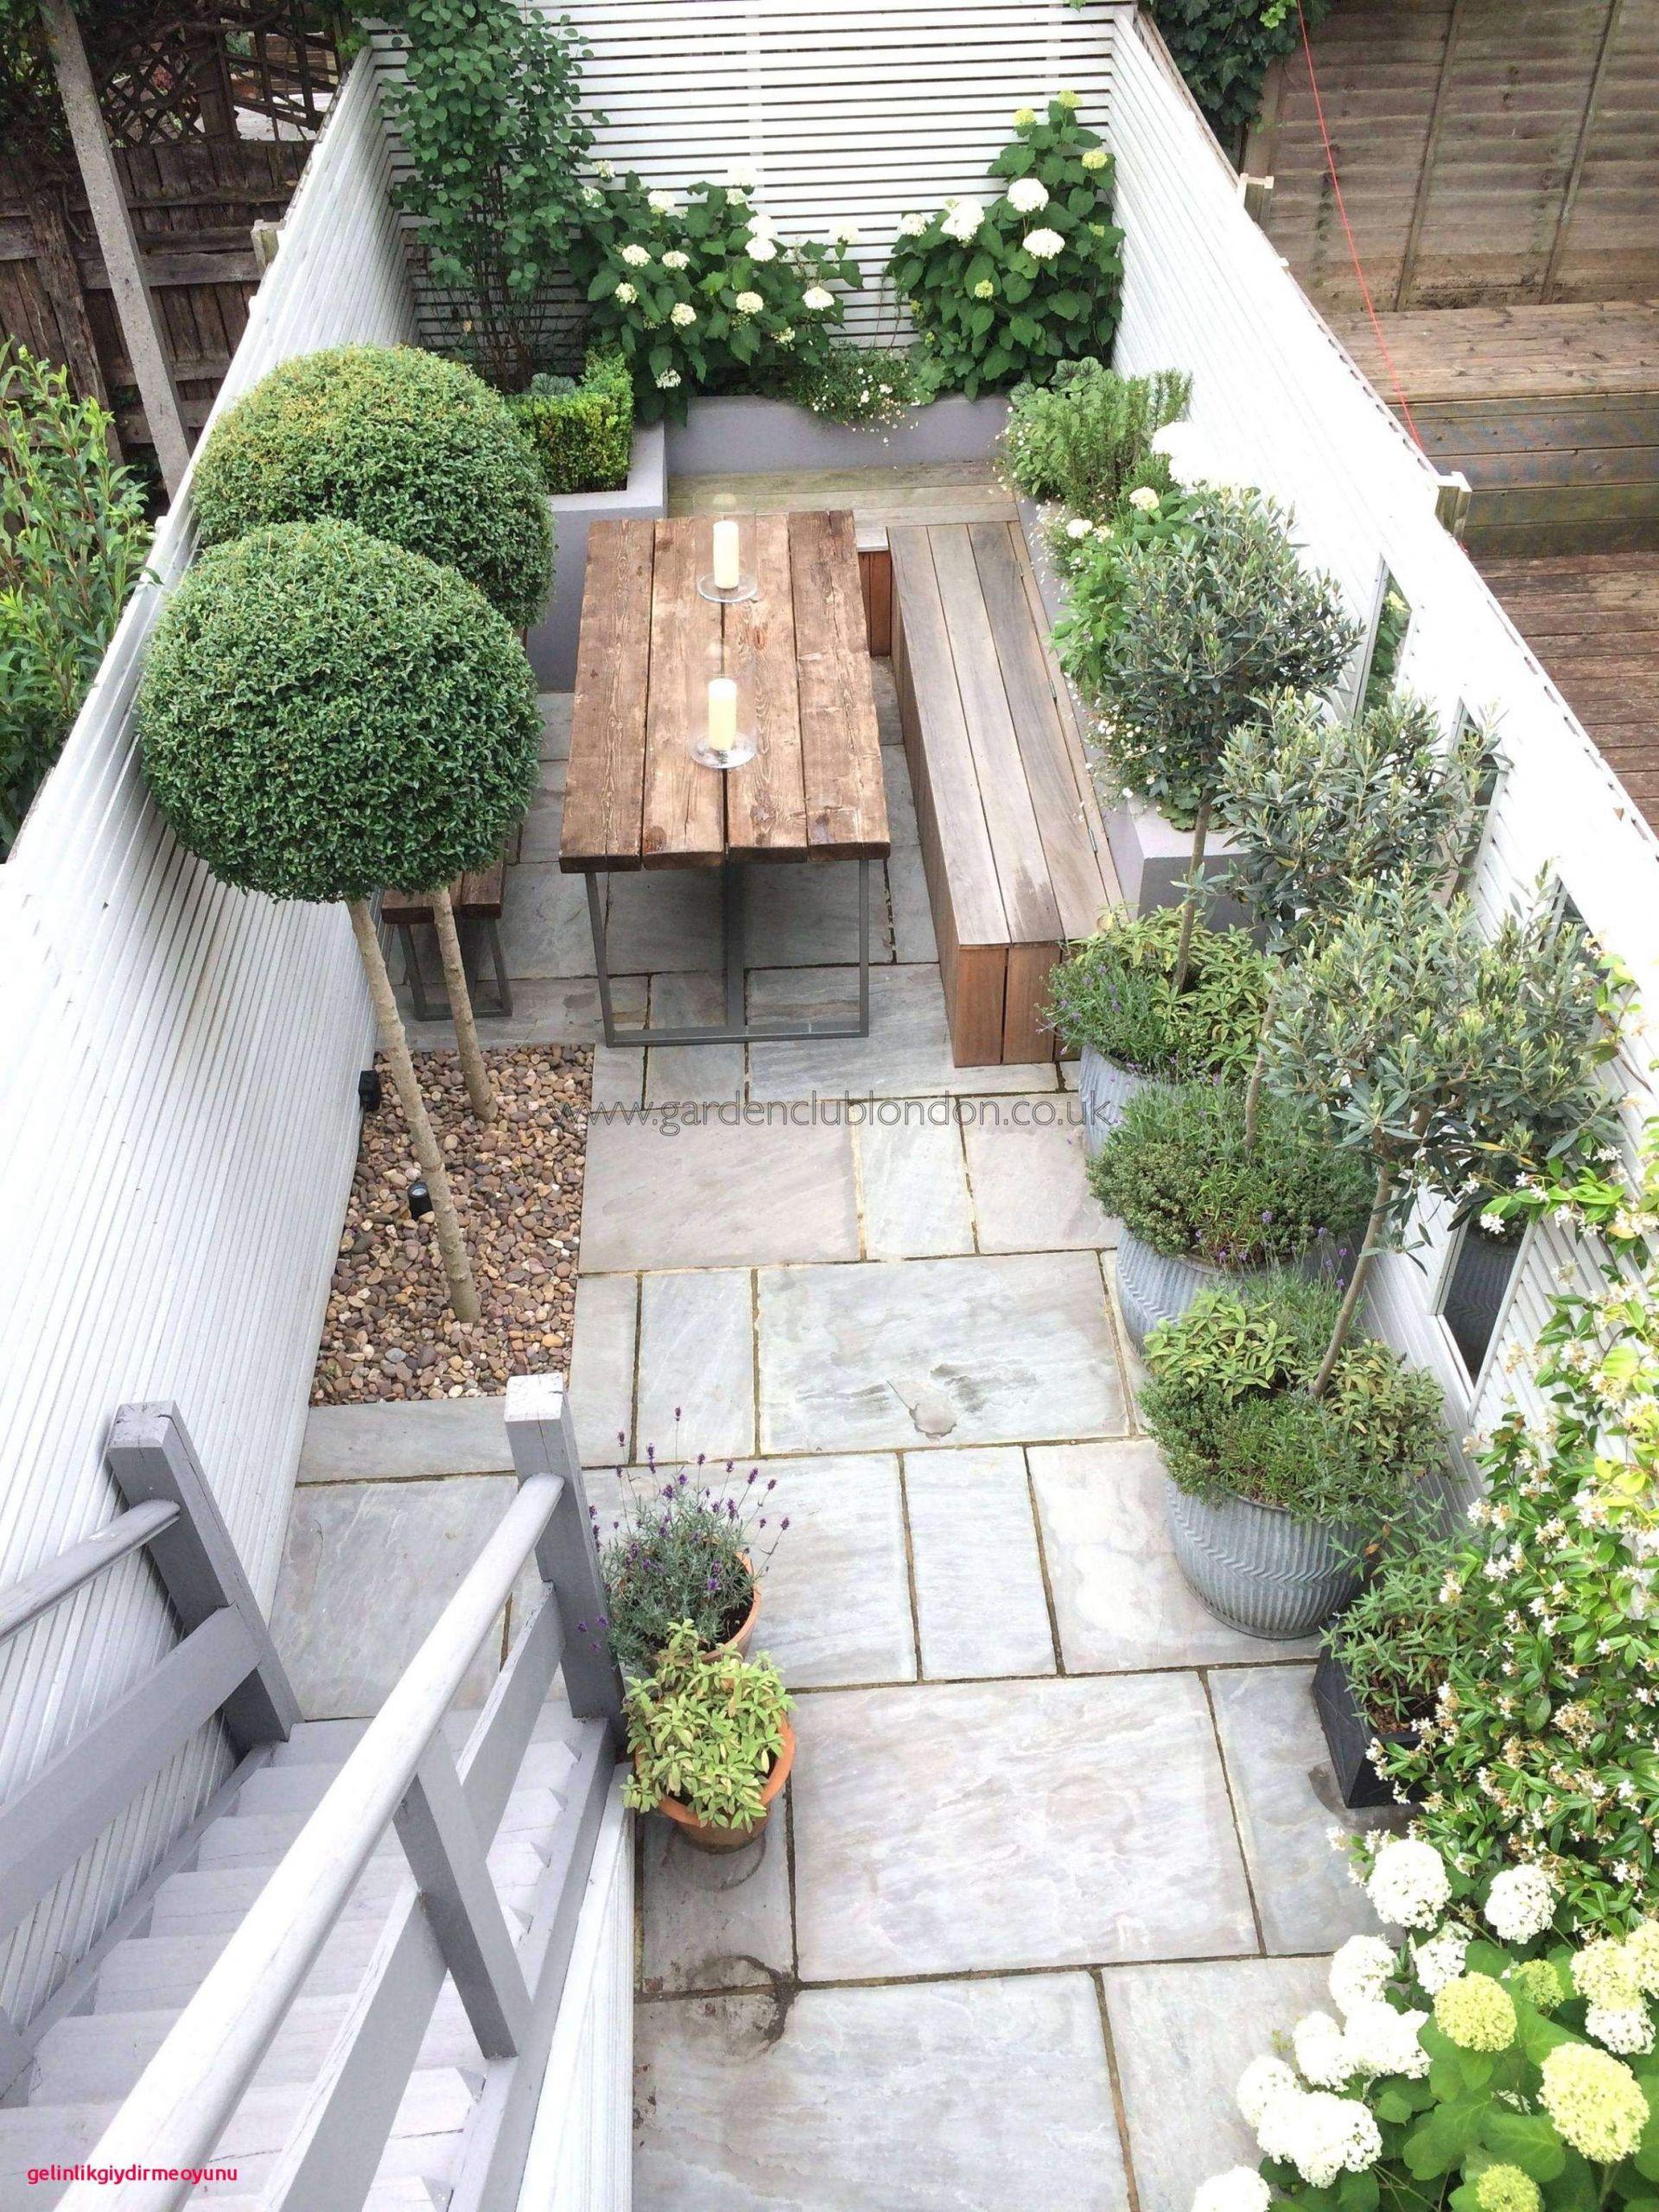 32 einzigartig baume fur kleine garten grosse pflanzen fur innenraume grosse pflanzen fur innenraume